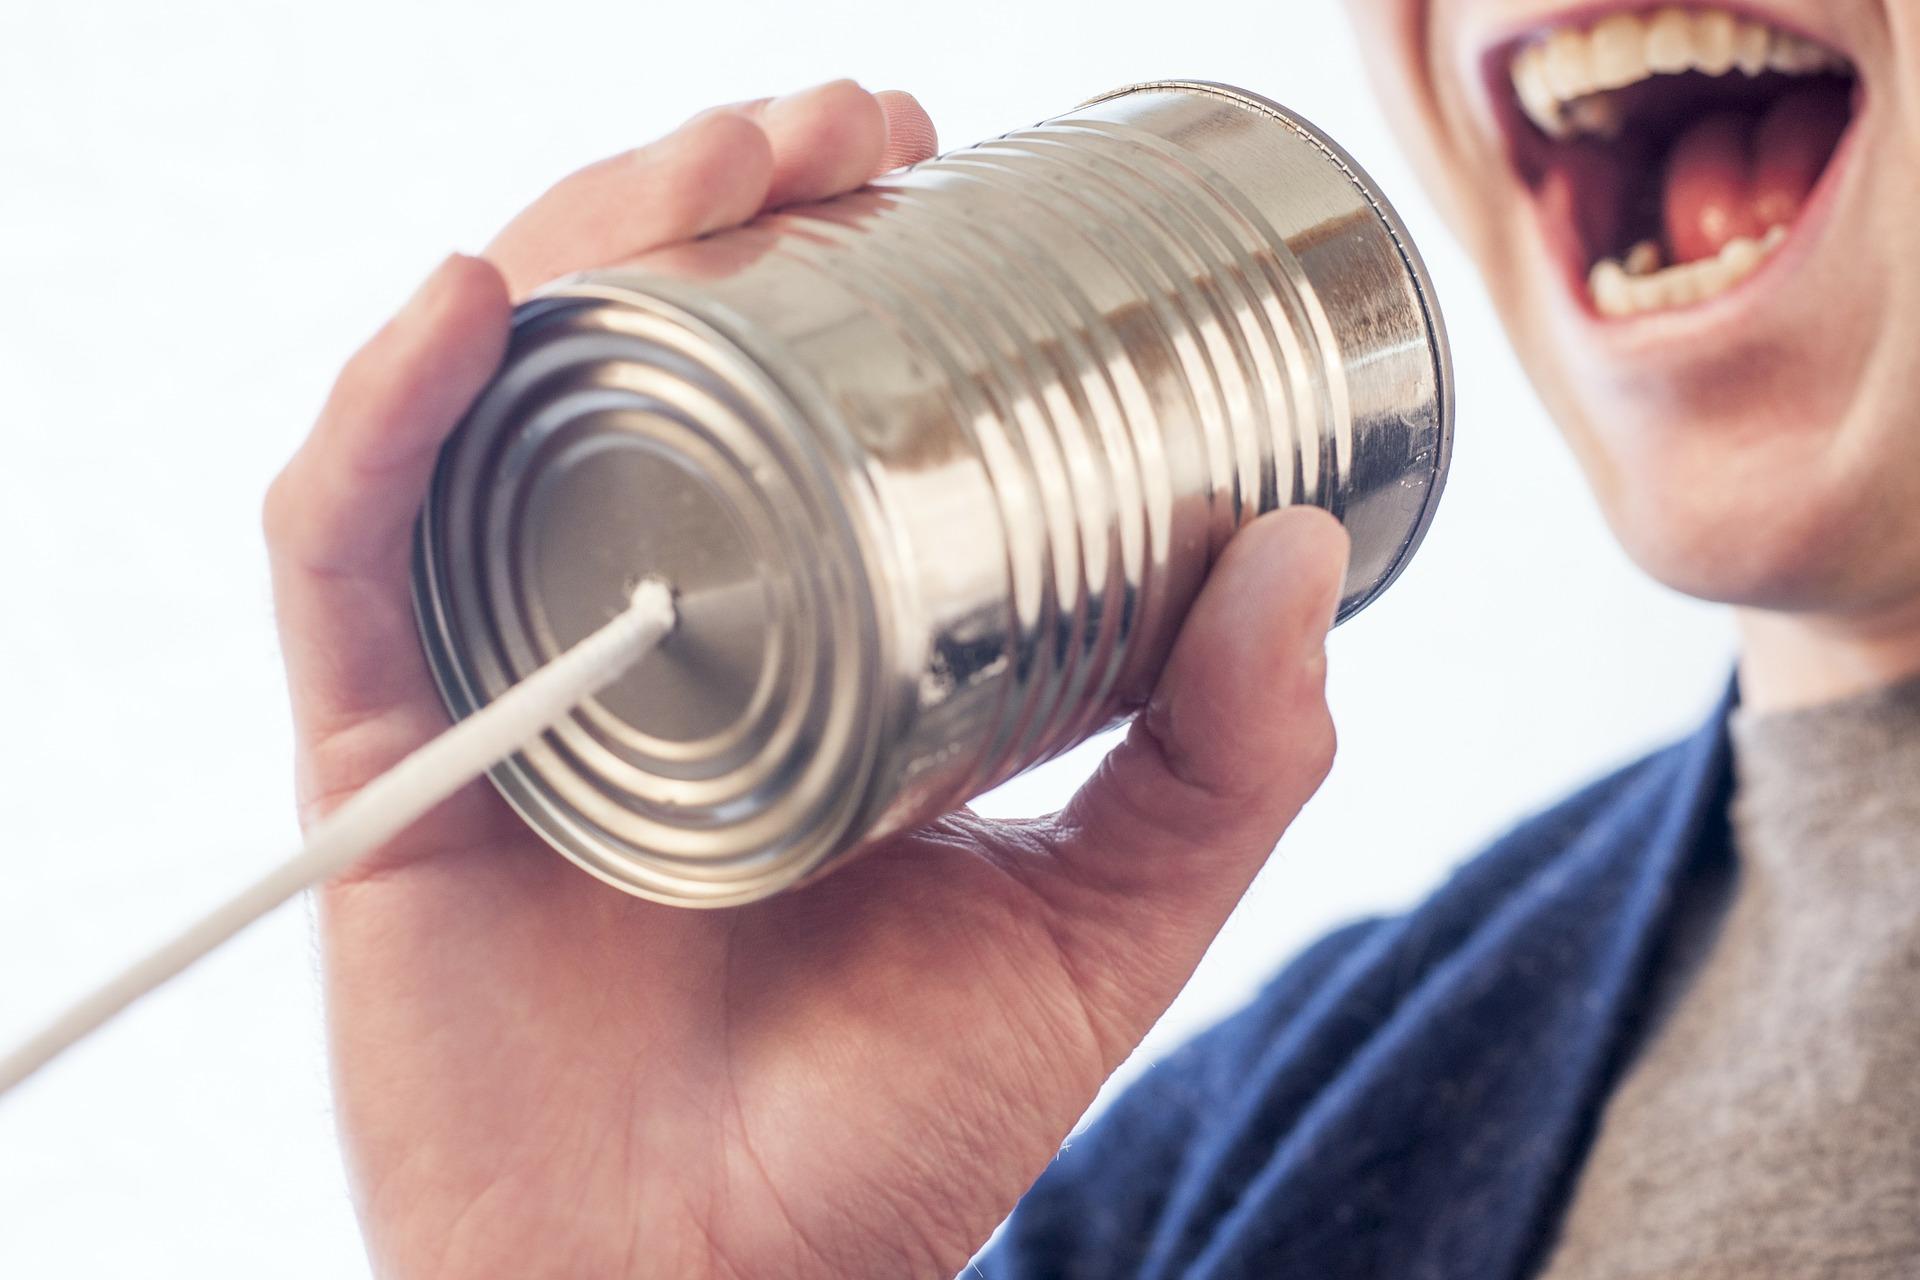 Mann schreit in eine Blechdose - als Beispielbild für den Blogartikel über Facebook Ads